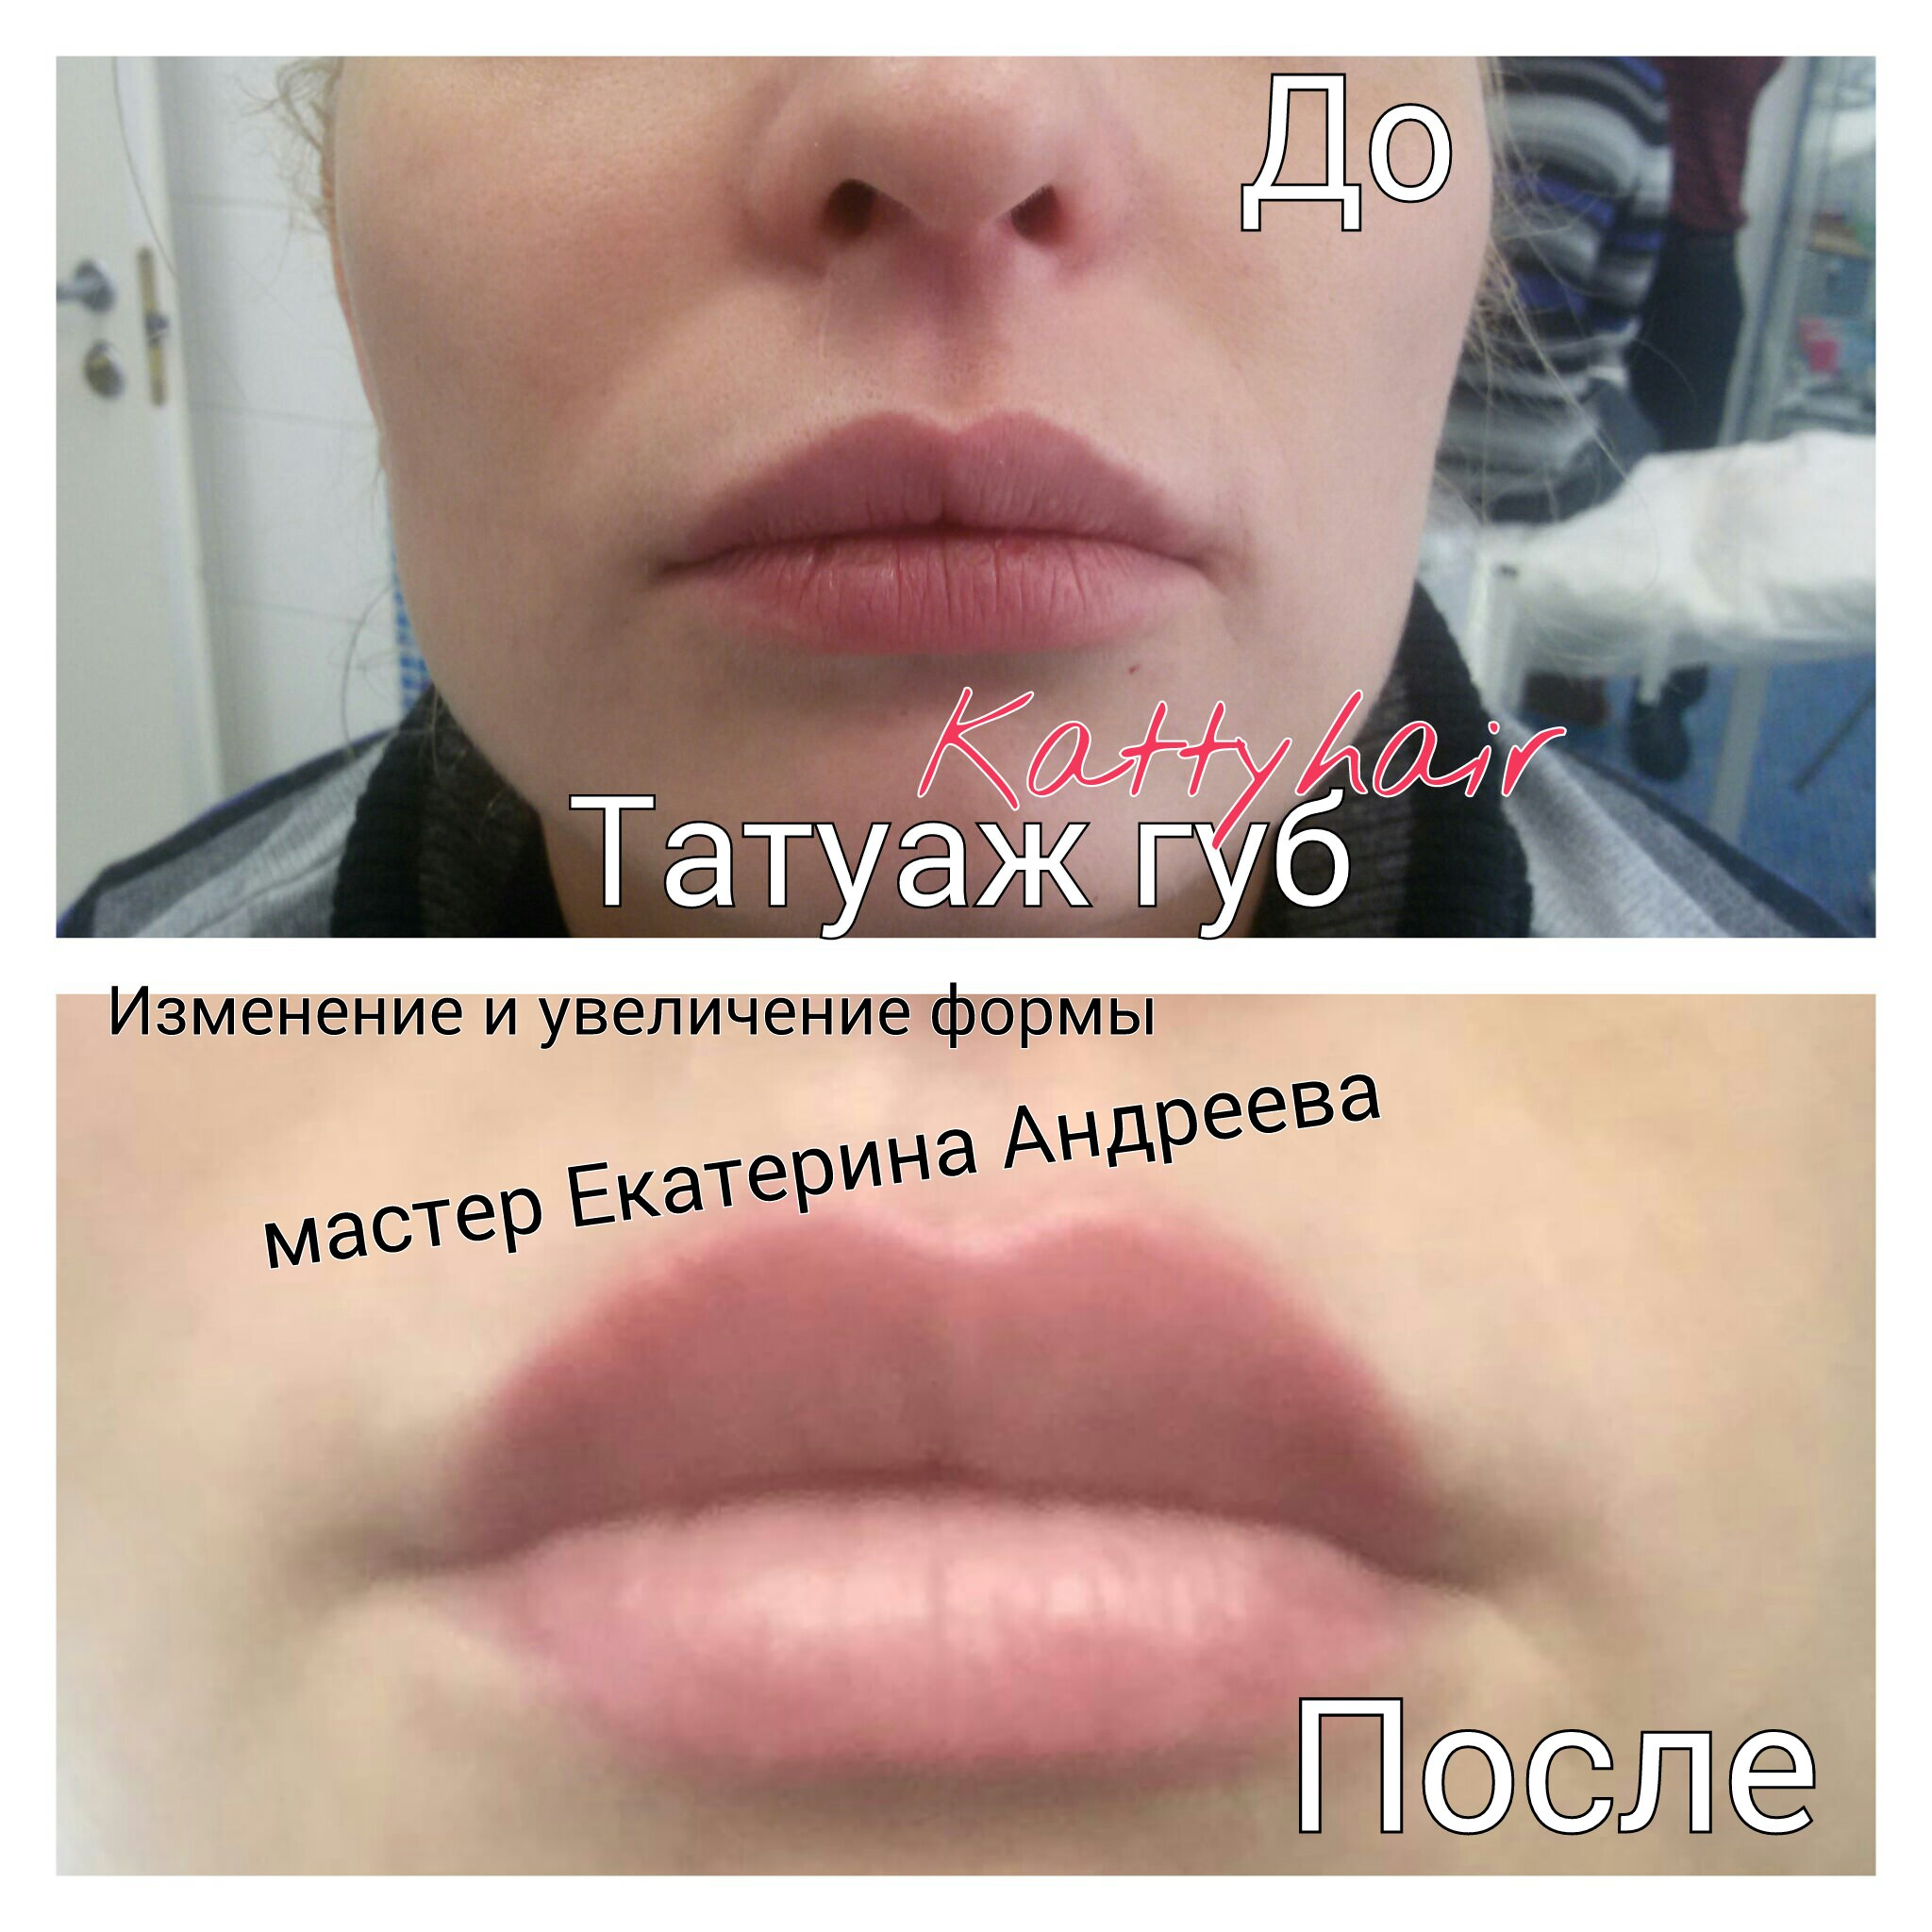 Яркий цвет губ после татуажа